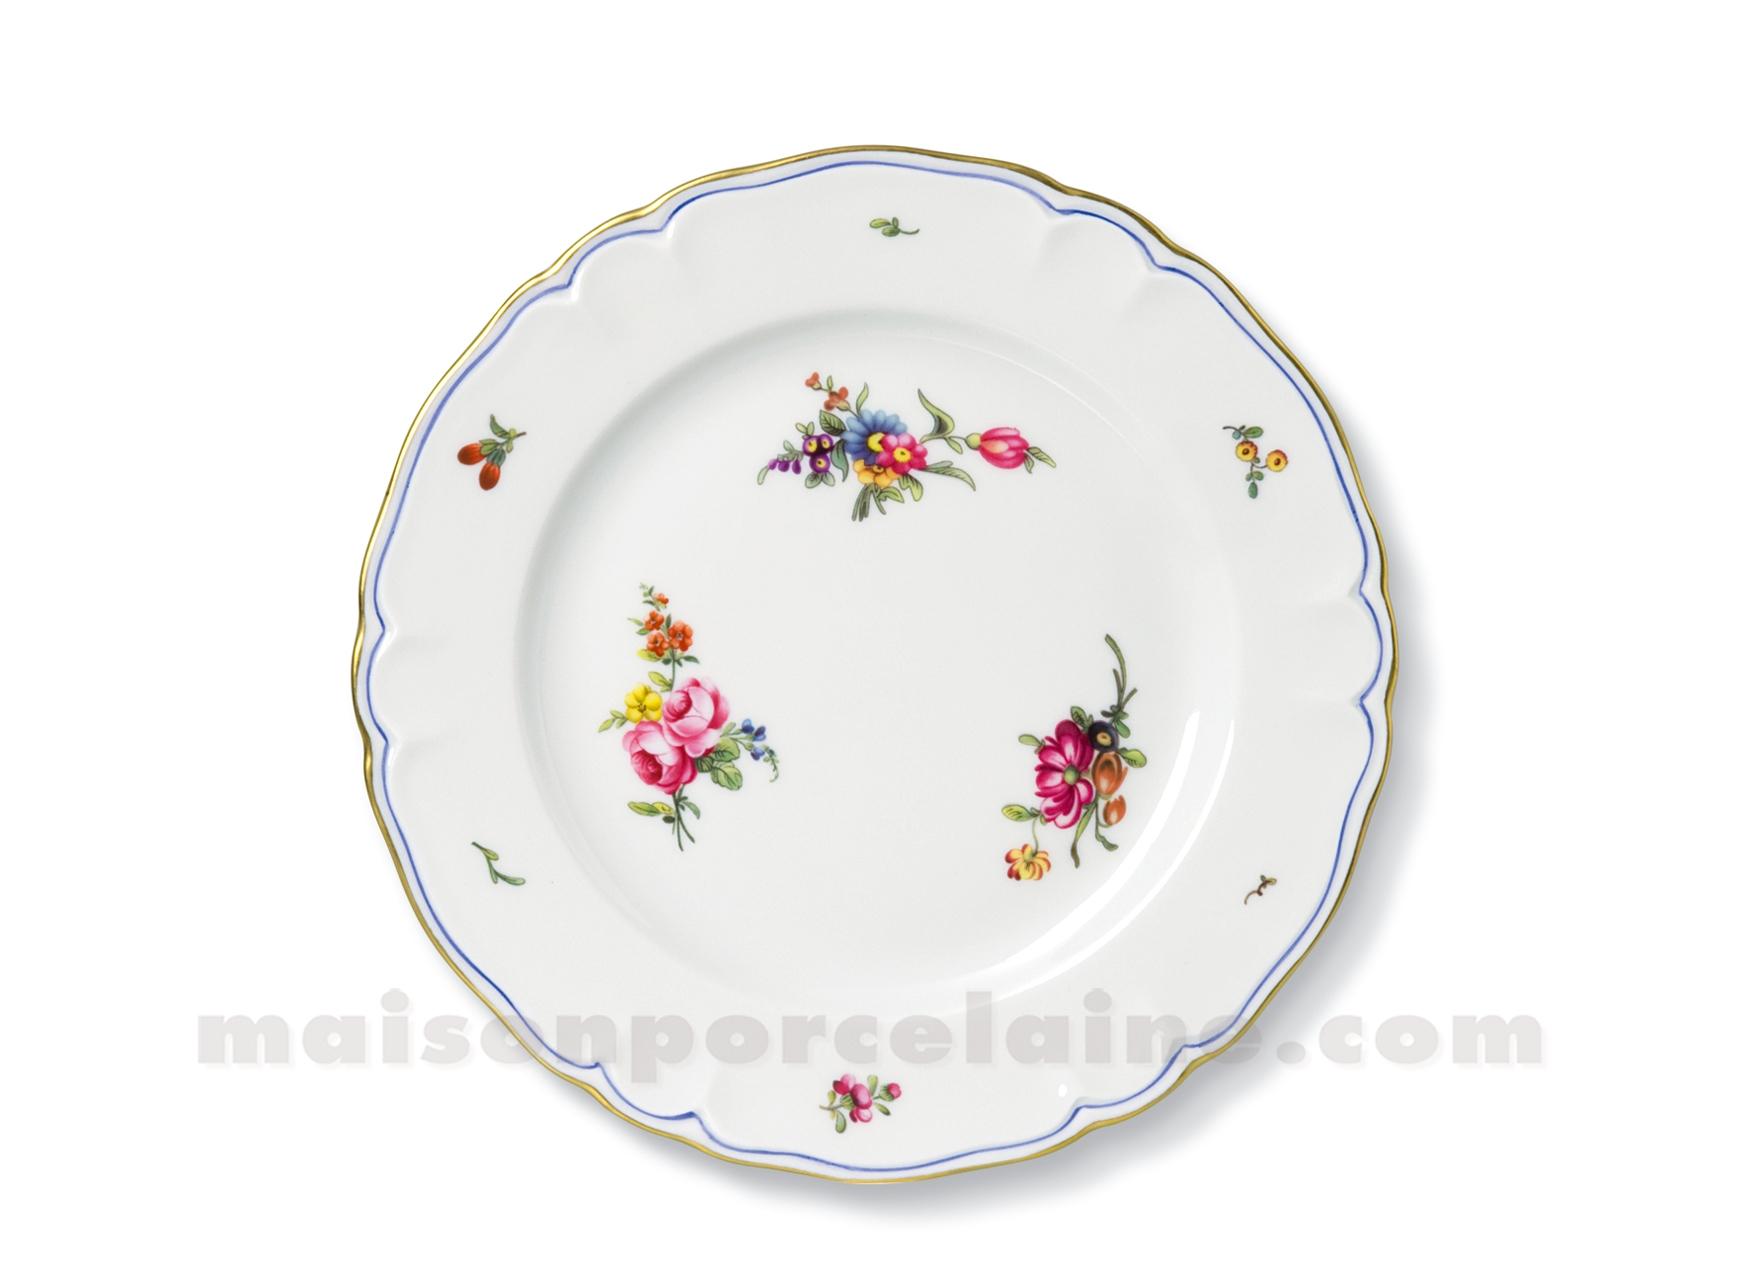 Assiette dessert limoges choiseul d22 maison de la - La maison de porcelaine ...